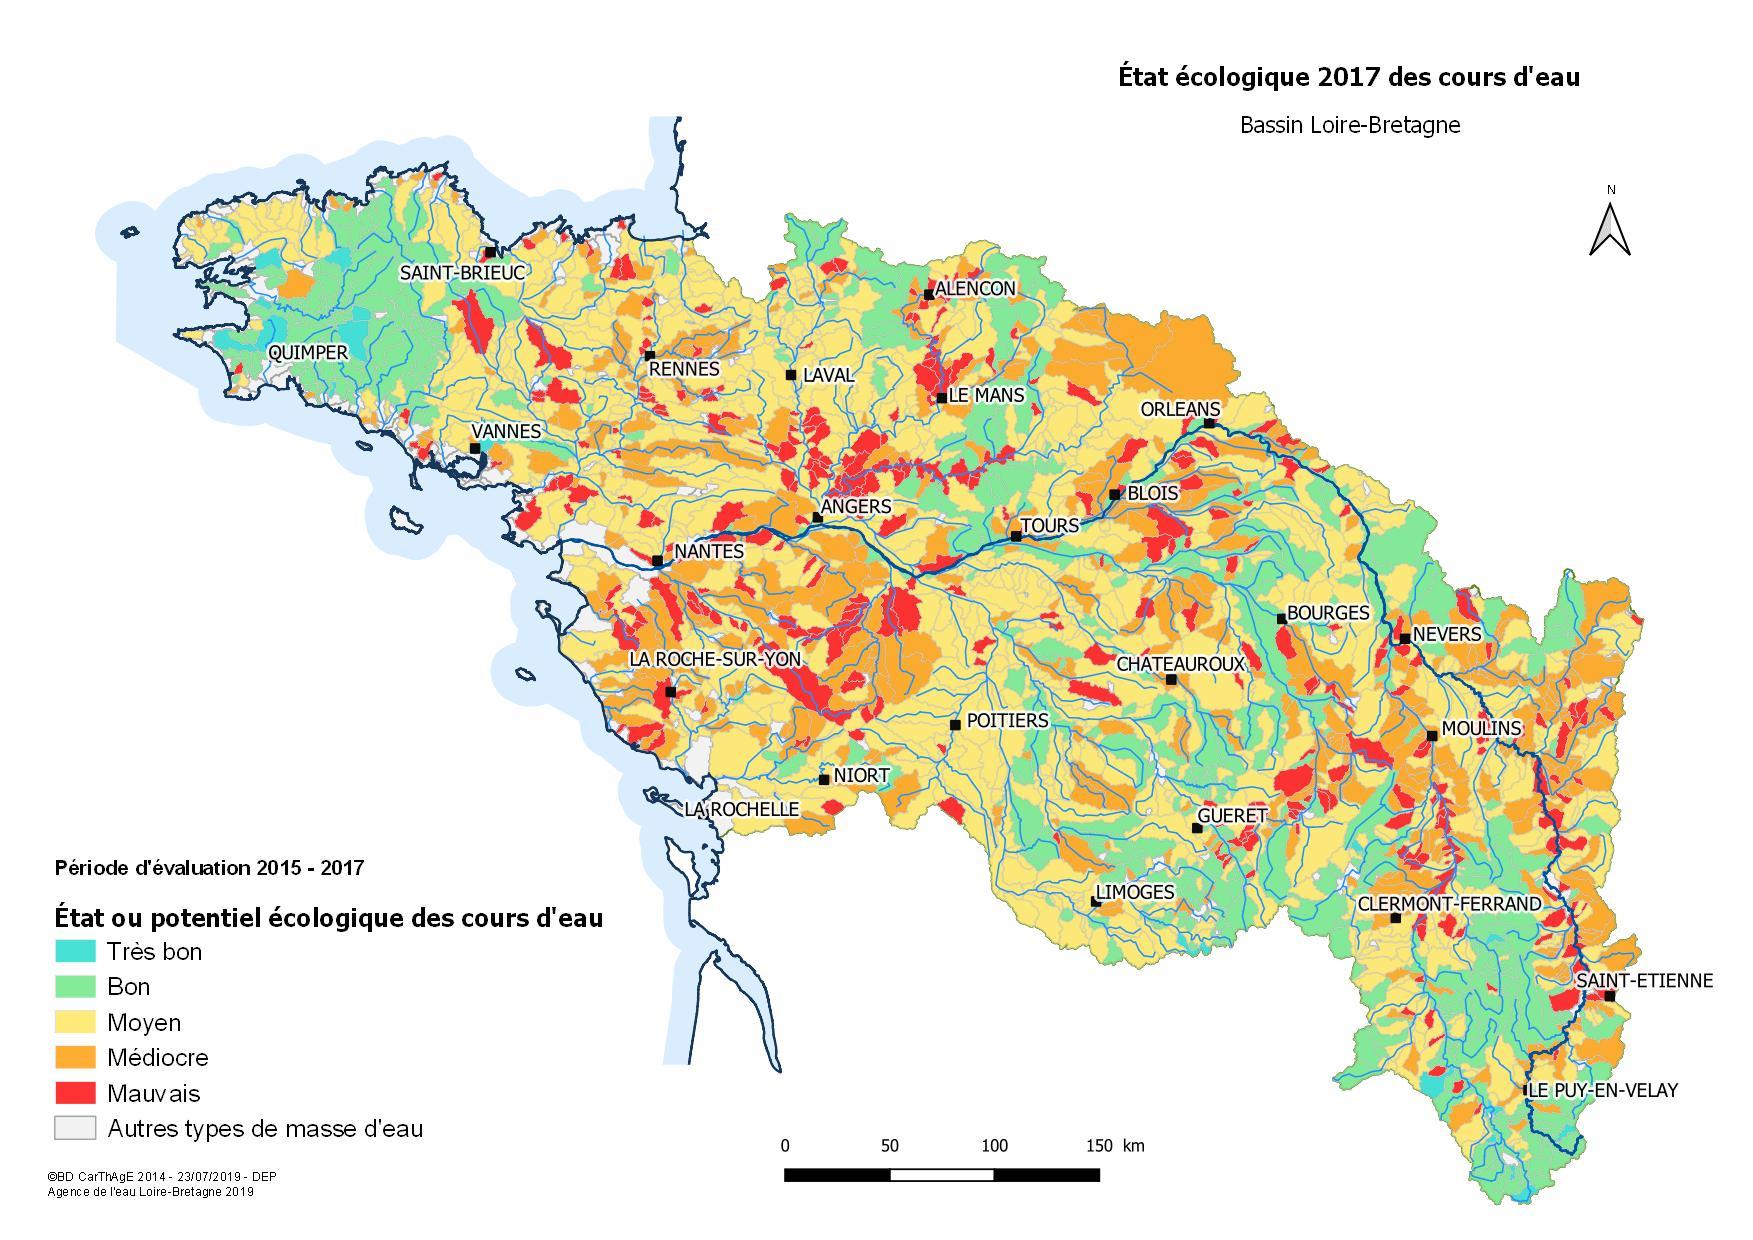 État écologique 2017 des cours d'eau - Bassin Loire-Bretagne